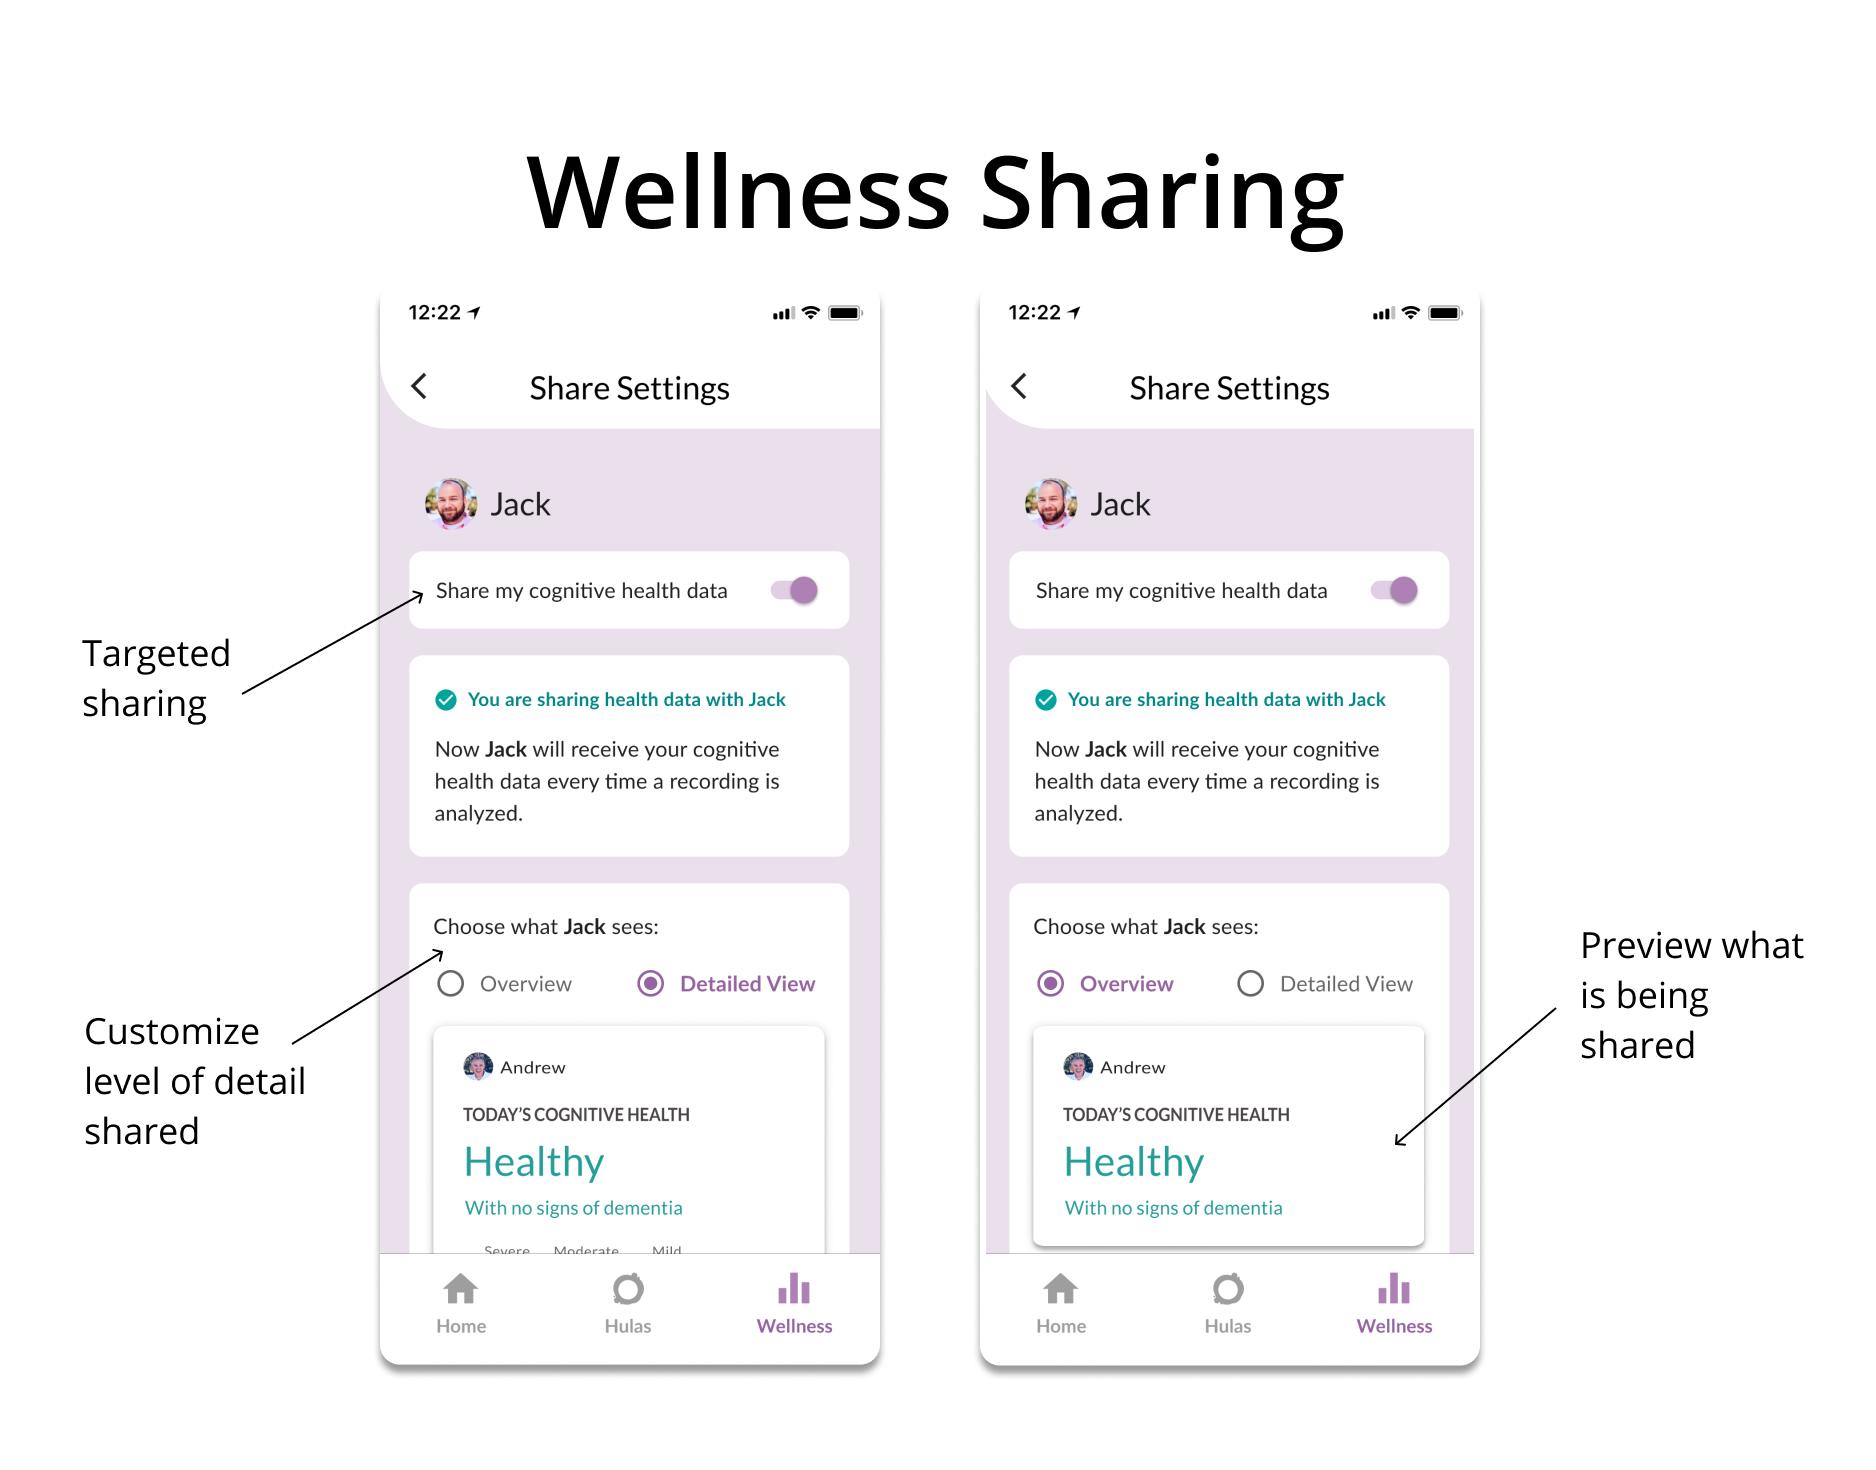 WellnessSharing-1